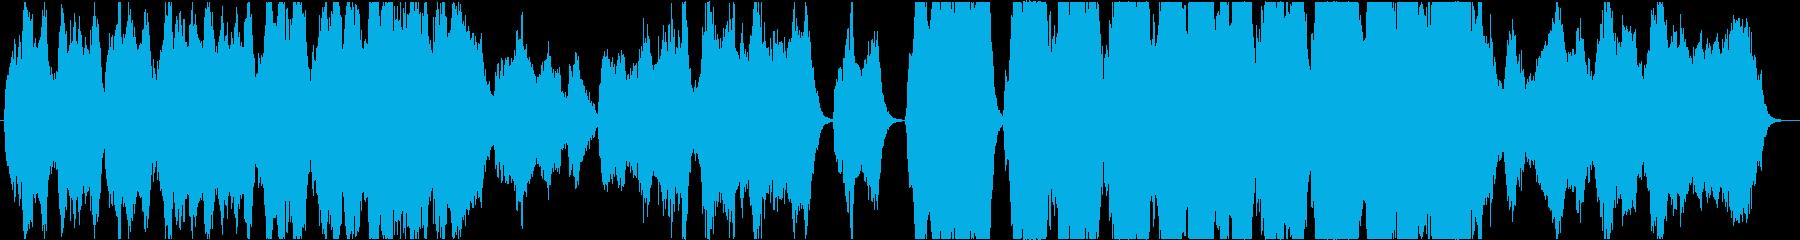 ストリングスによる壮大な和風曲の再生済みの波形